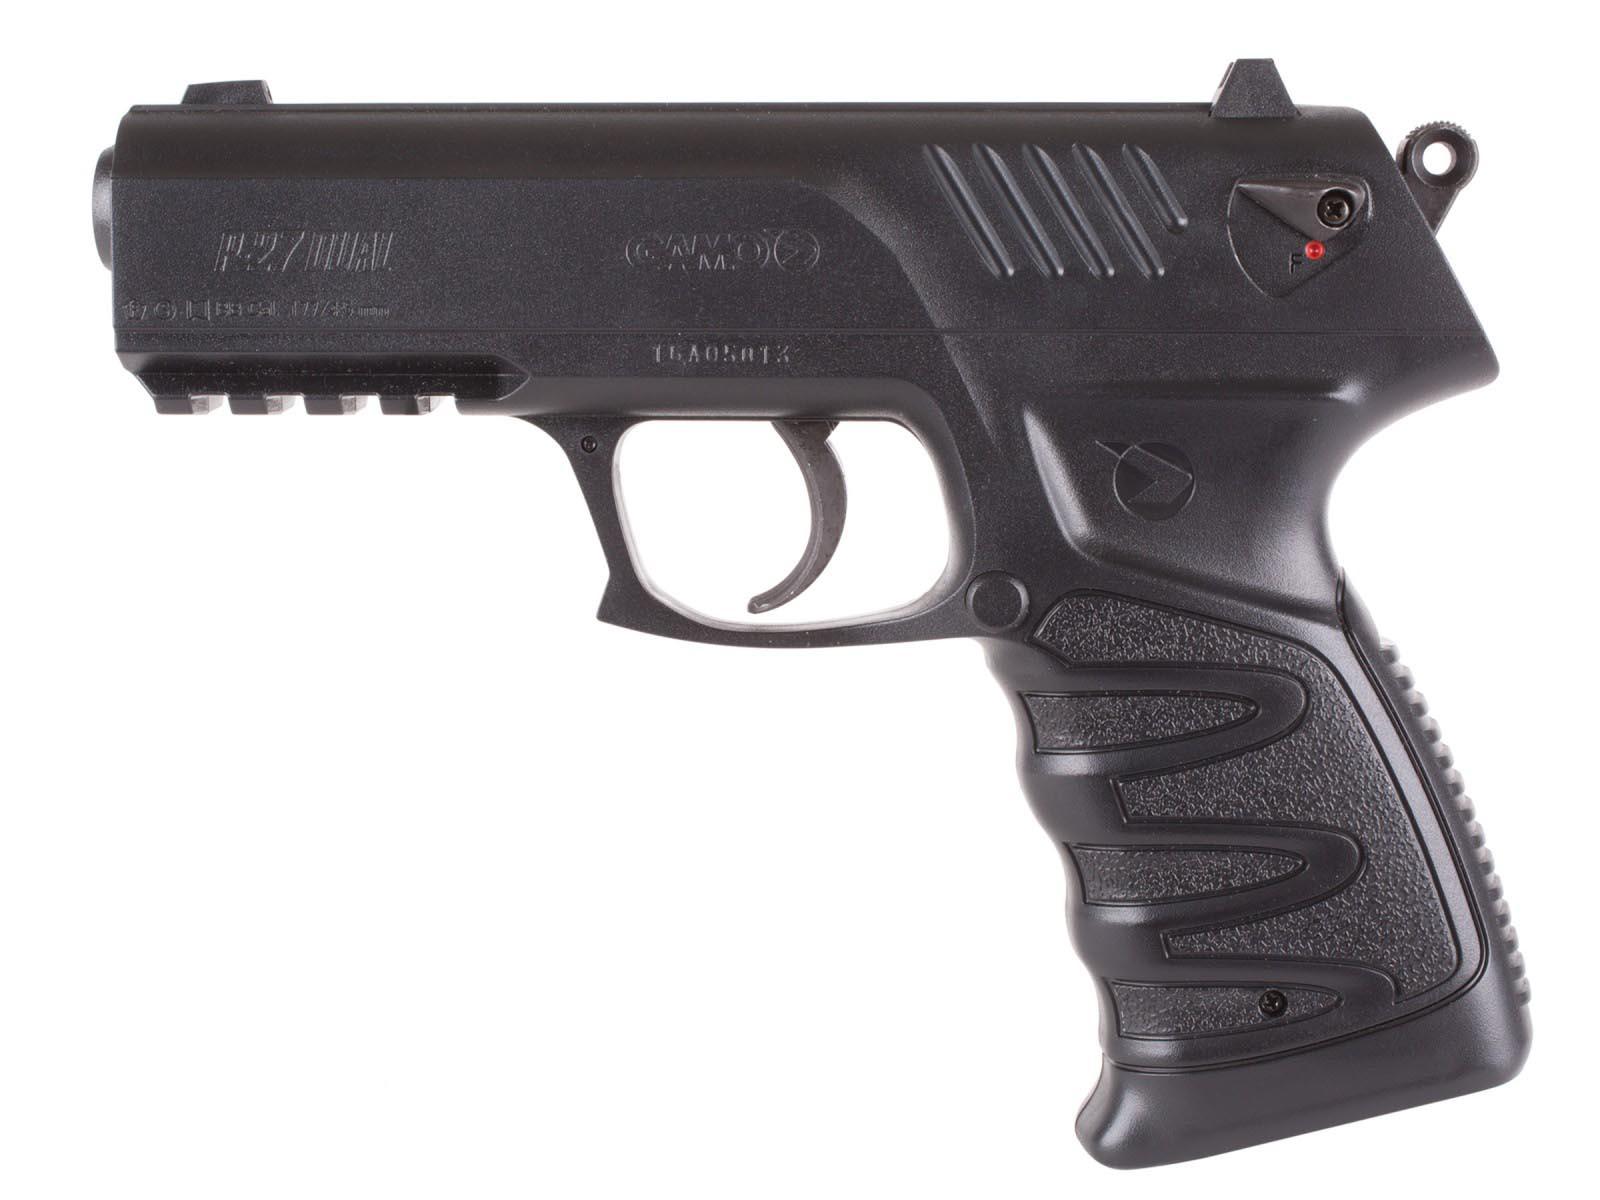 Gamo P-27 Dual Ammo Pistol